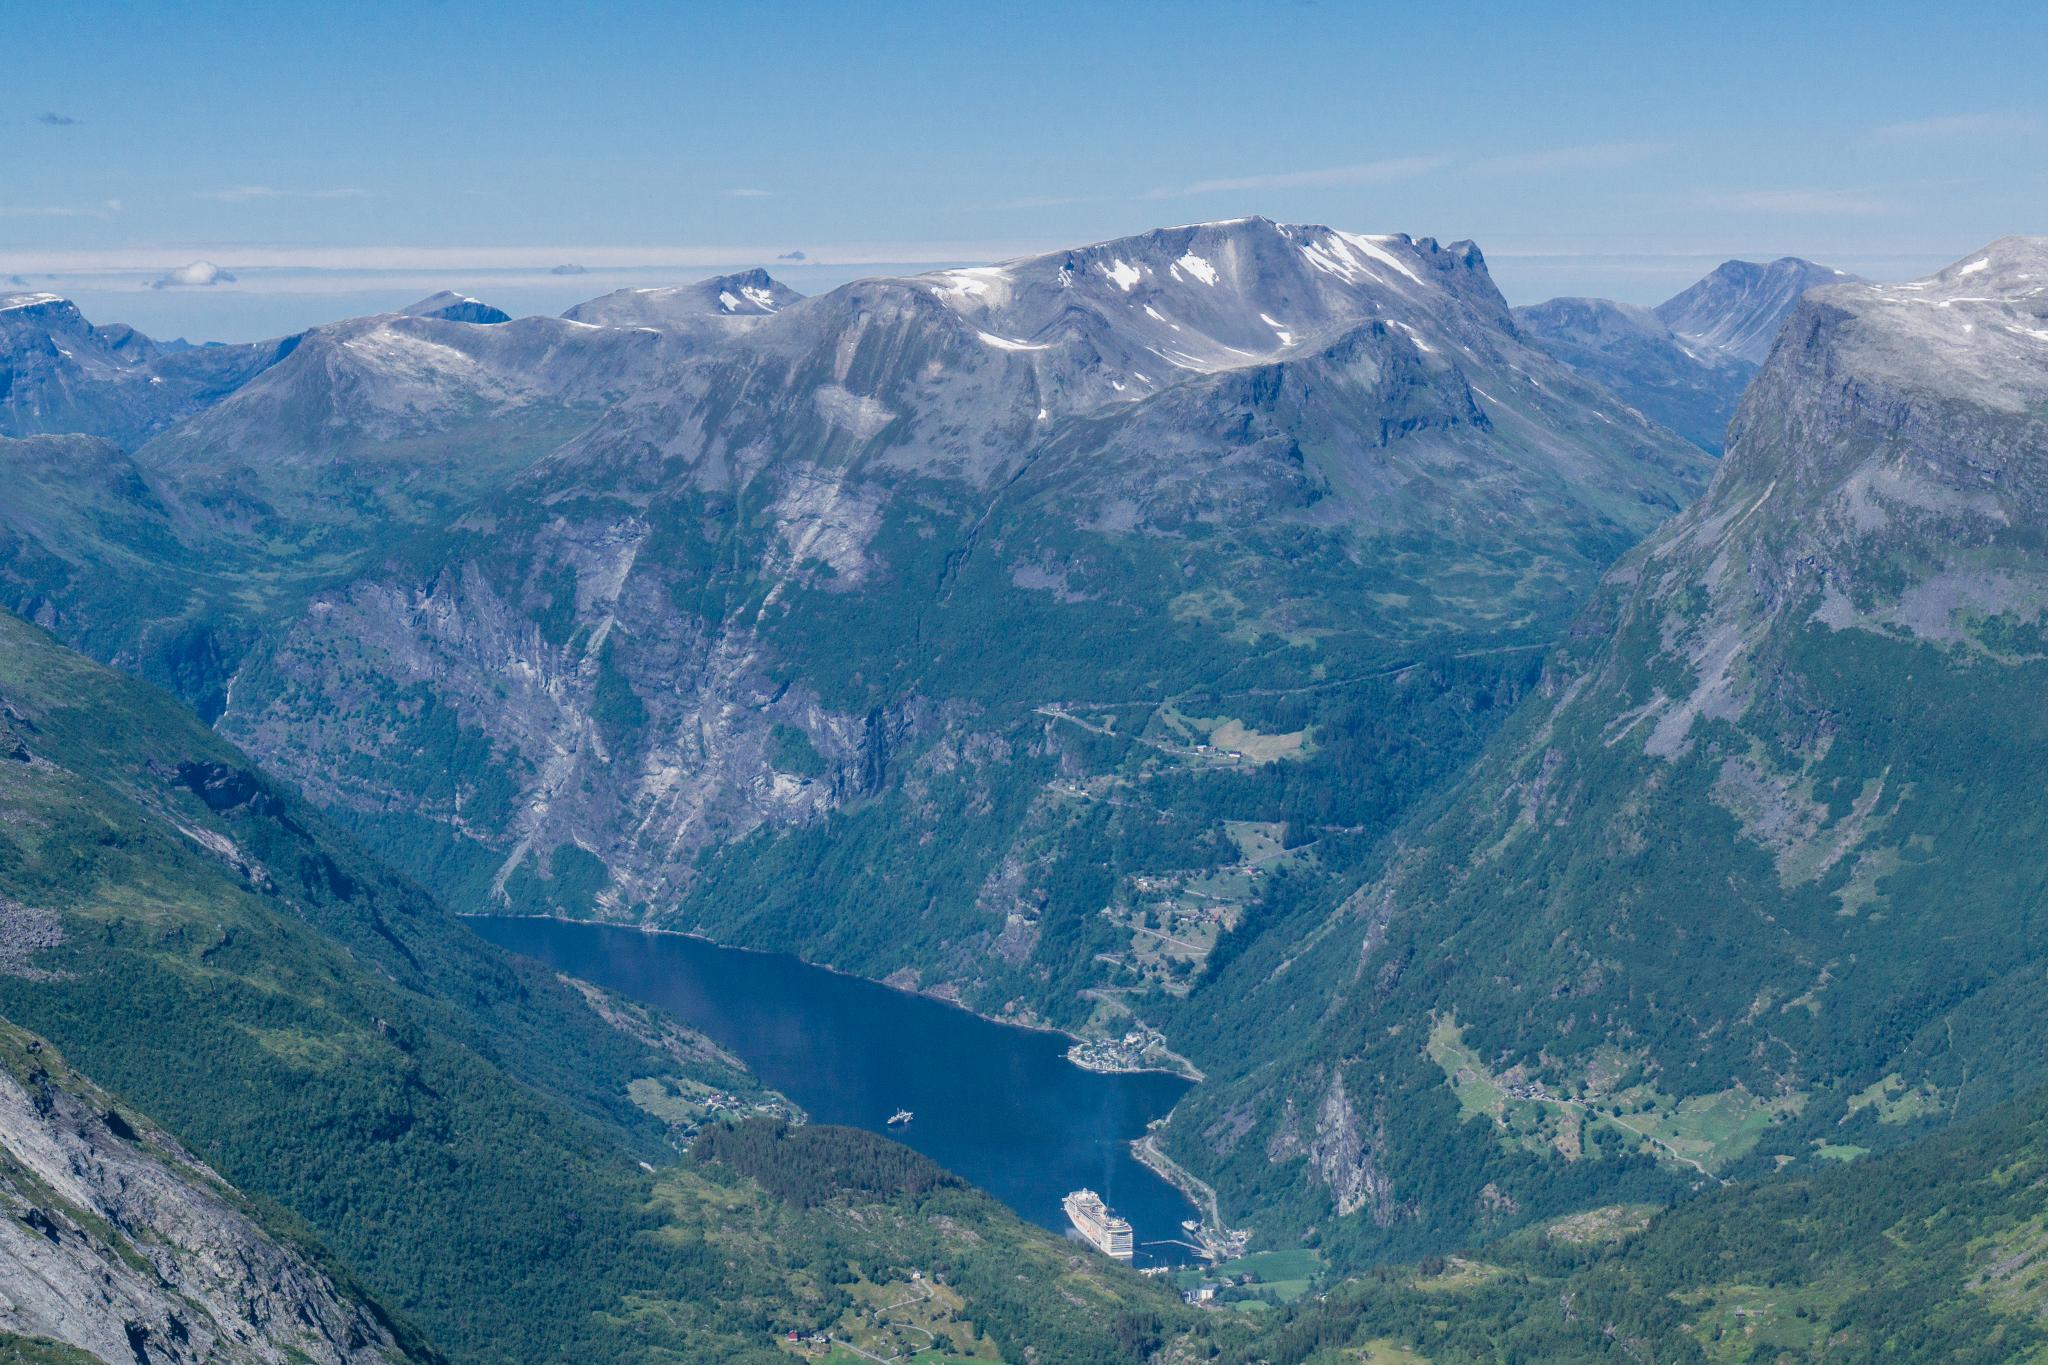 【北歐景點】歐洲最震撼的峽灣觀景台 — Dalsnibba Mountain Plateau 24